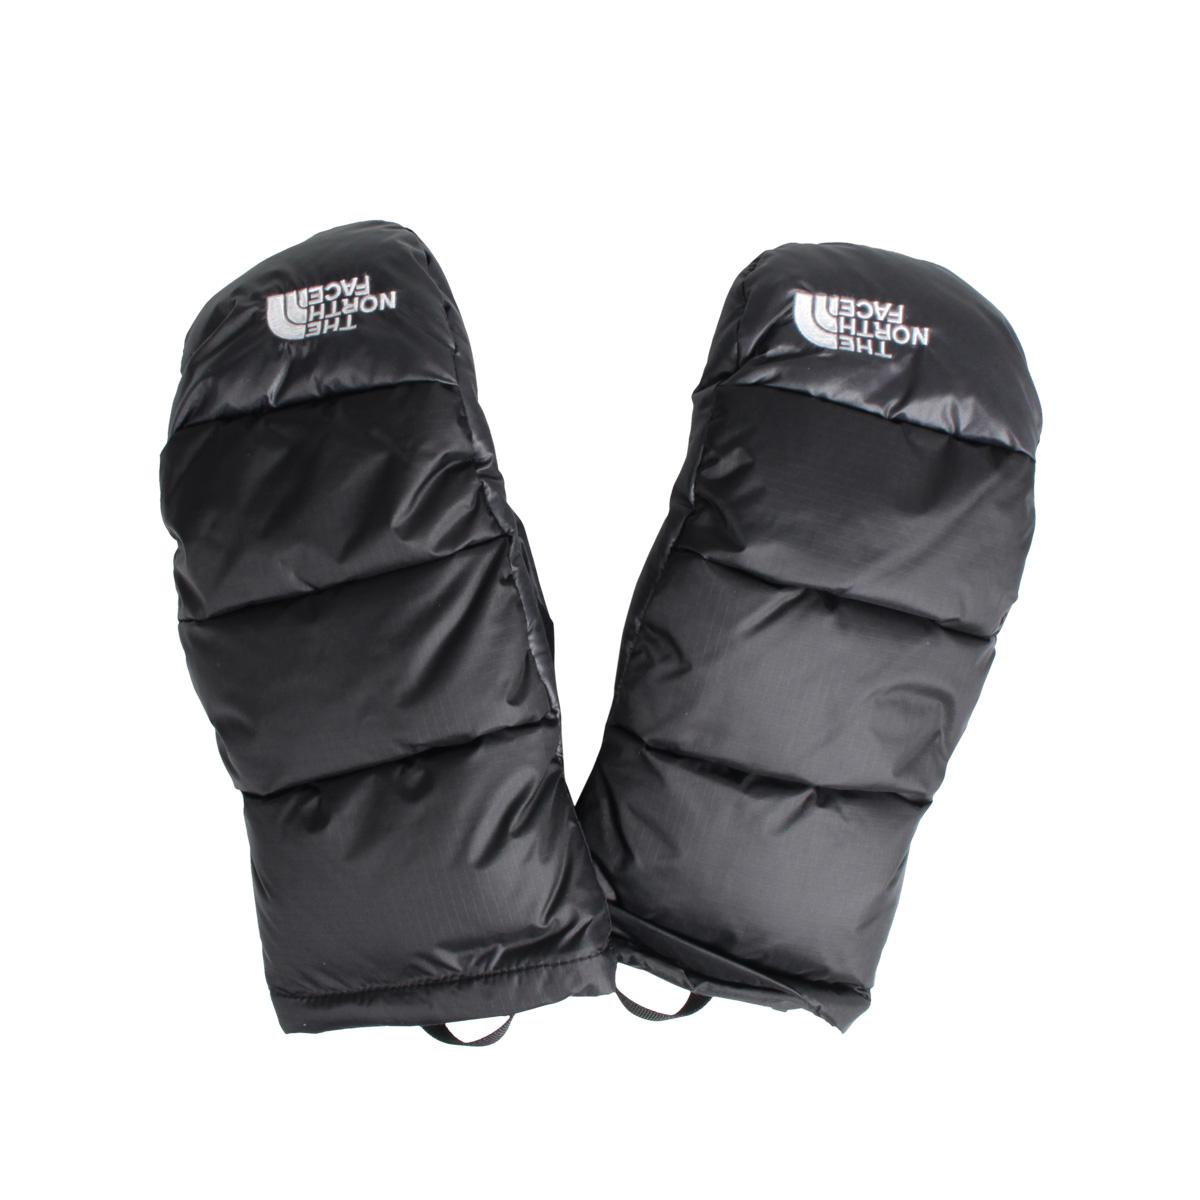 THE NORTH FACE NUPTSE MITT ノースフェイス ヌプシ 手袋 グローブ メンズ ブラック レッド イエロー カモ 黒 NF0A4SFZ